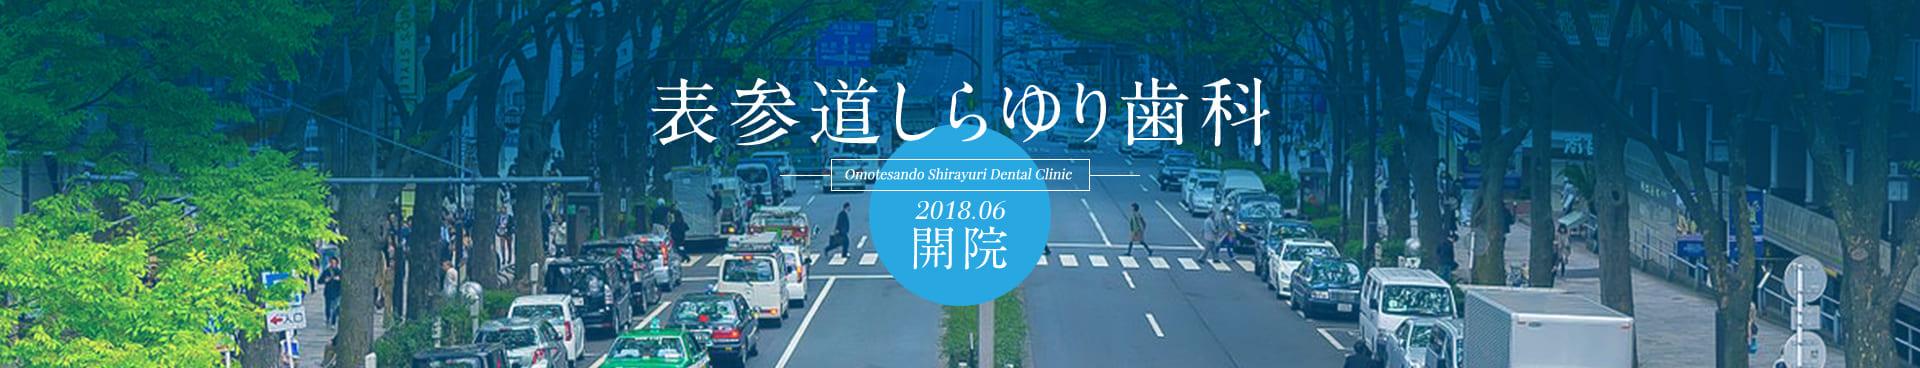 表参道しらゆり歯科 2016年6月開院